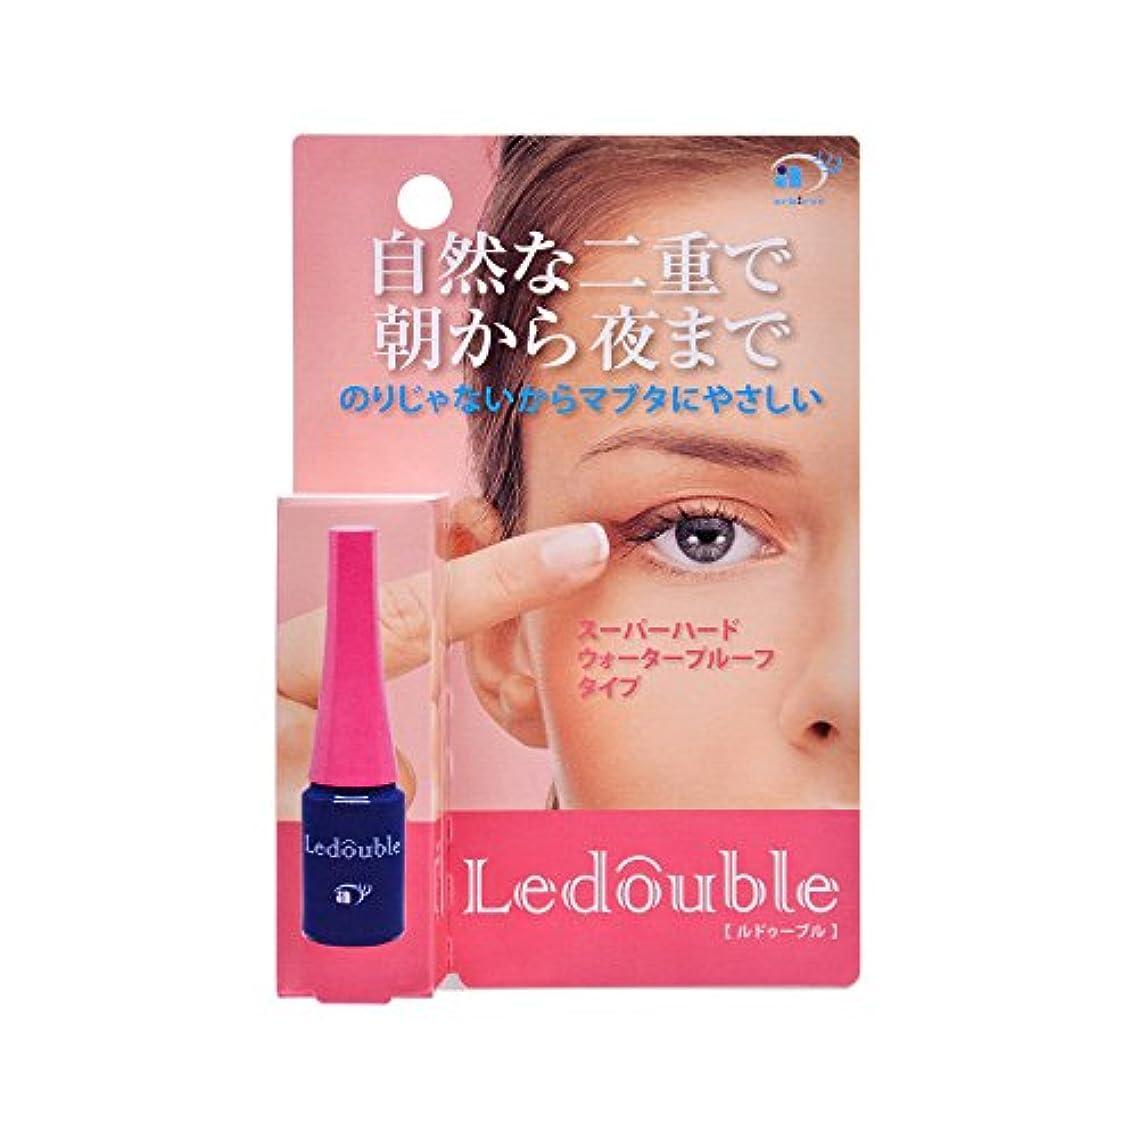 洞窟パテカブLedouble [ルドゥーブル] 二重まぶた化粧品 (2mL)